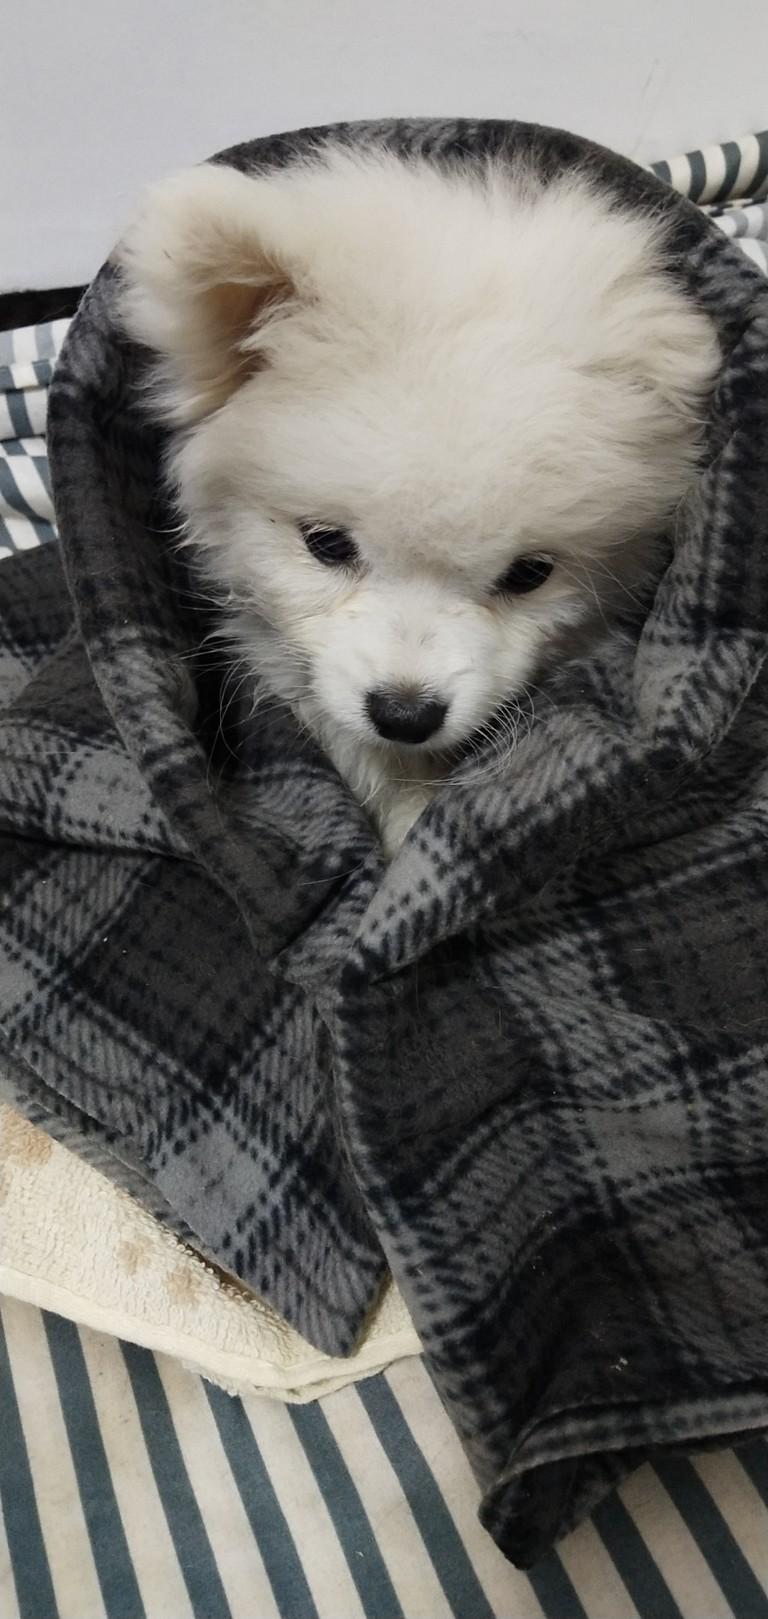 刚抱回来兜兜的时候,兜兜有点拉稀,呕吐,当时去查了犬瘟和细小